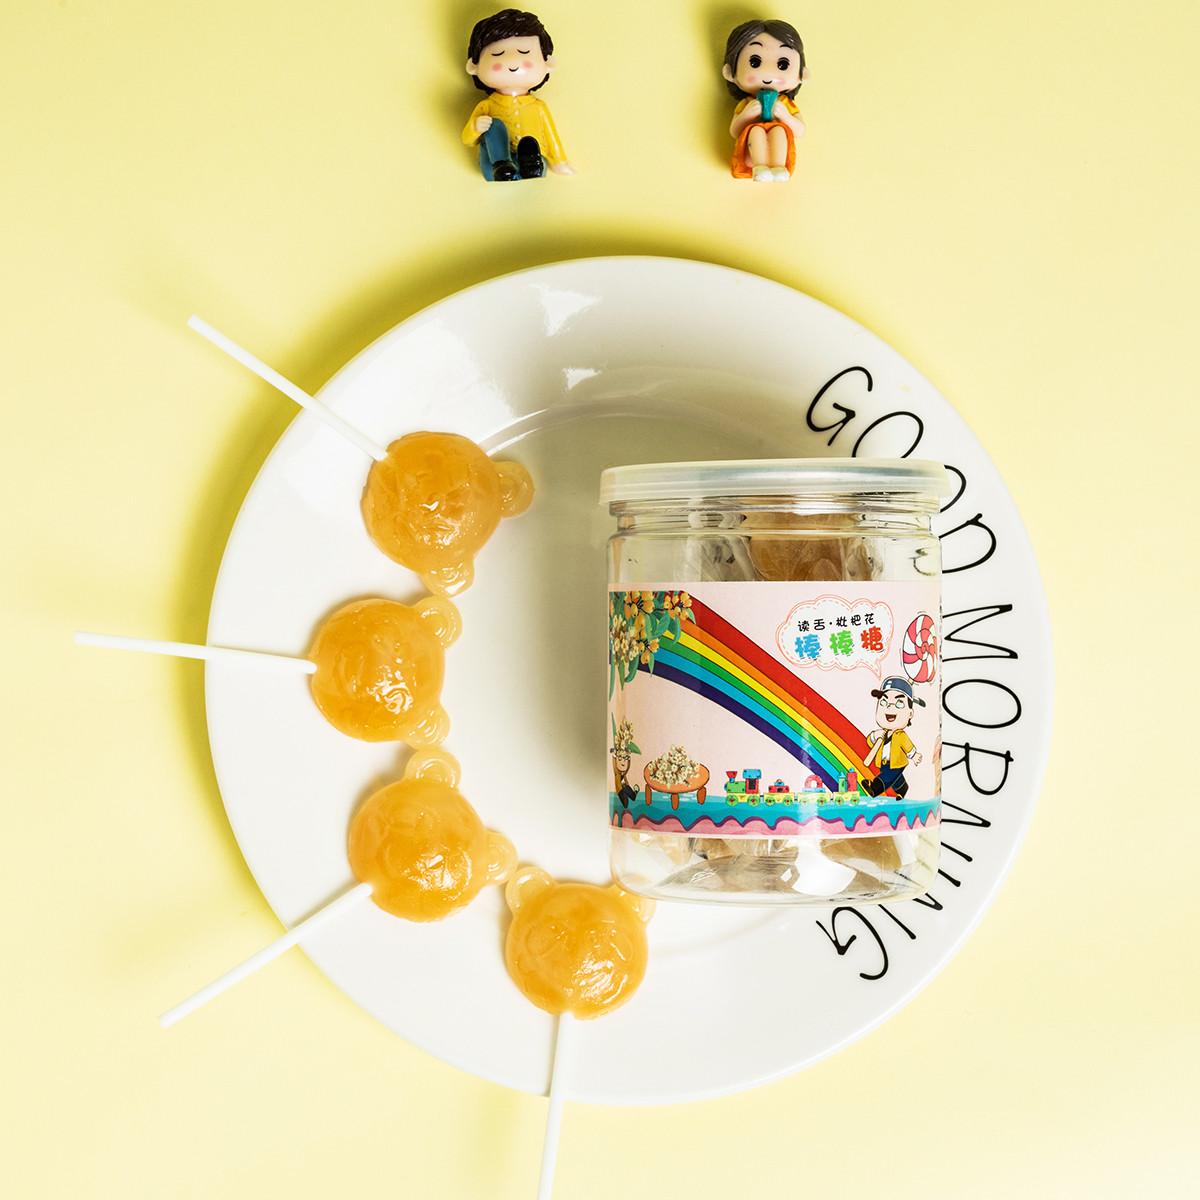 读舌枇杷花棒棒糖水果麦芽糖创意可爱卡通喜糖果儿童女神130克罐装COLOR枇杷花棒棒糖130g*1